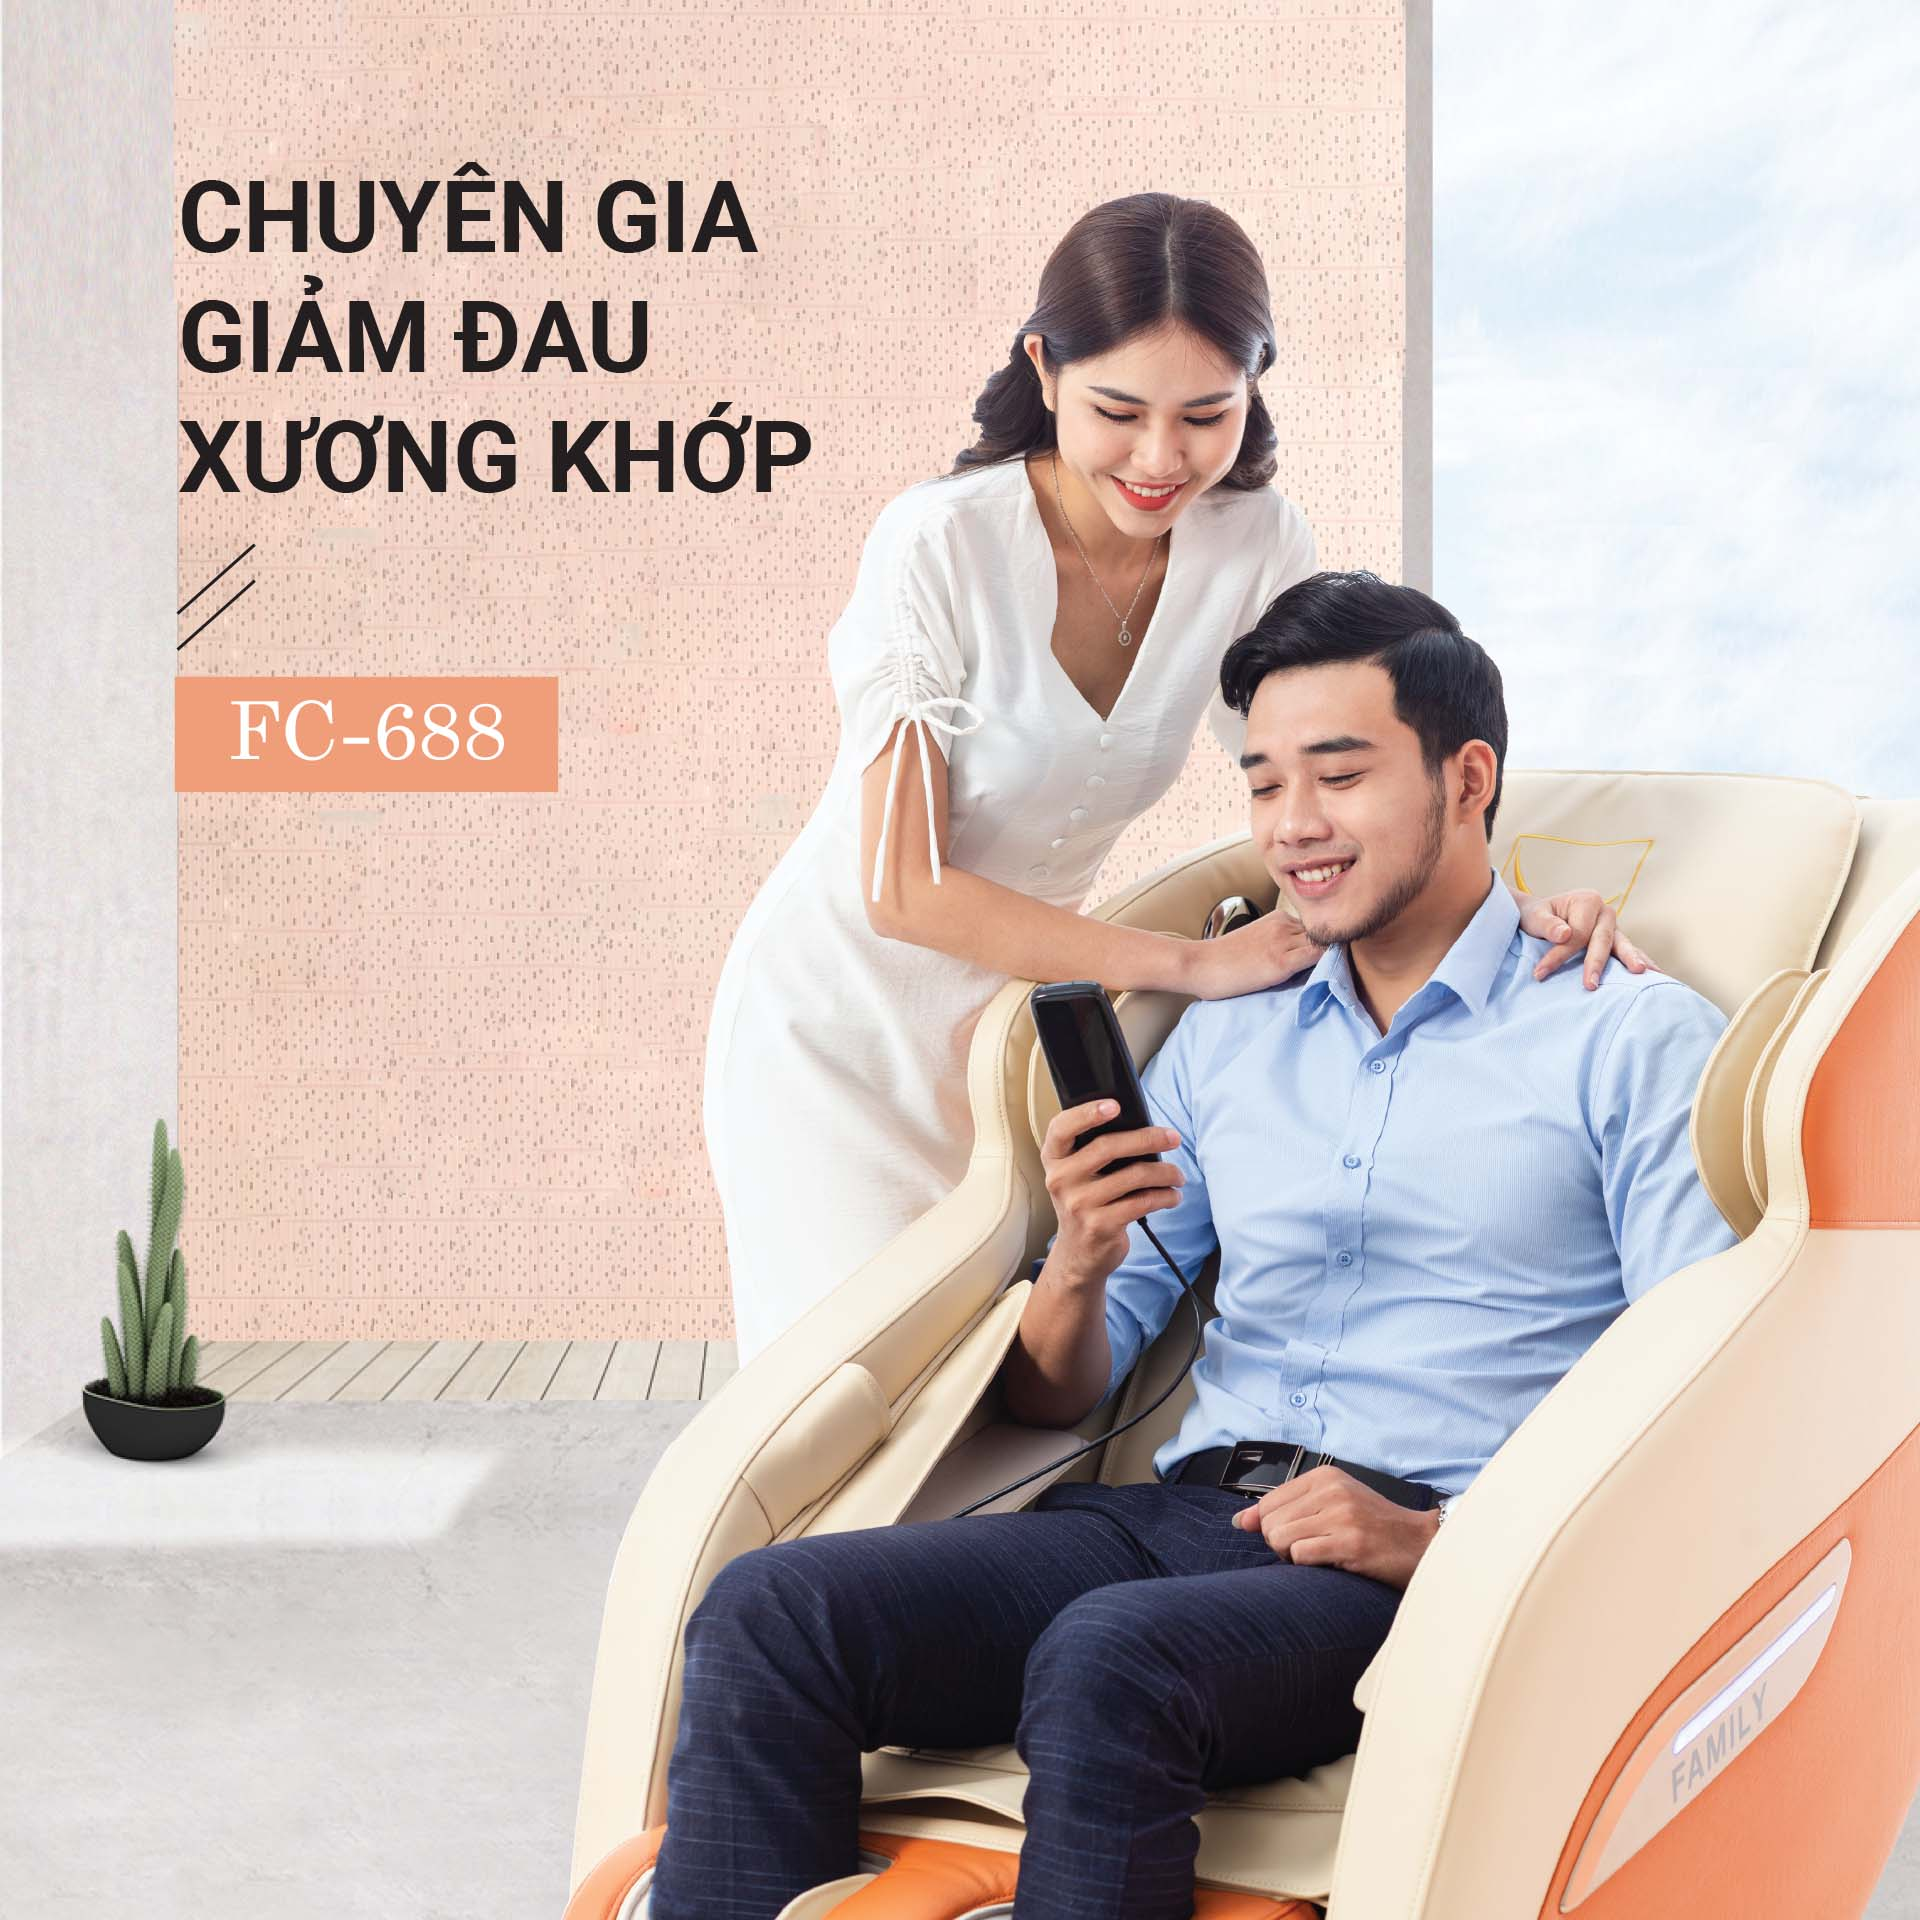 Địa chỉ bán ghế mát xa giá rẻ tại Hà Nội